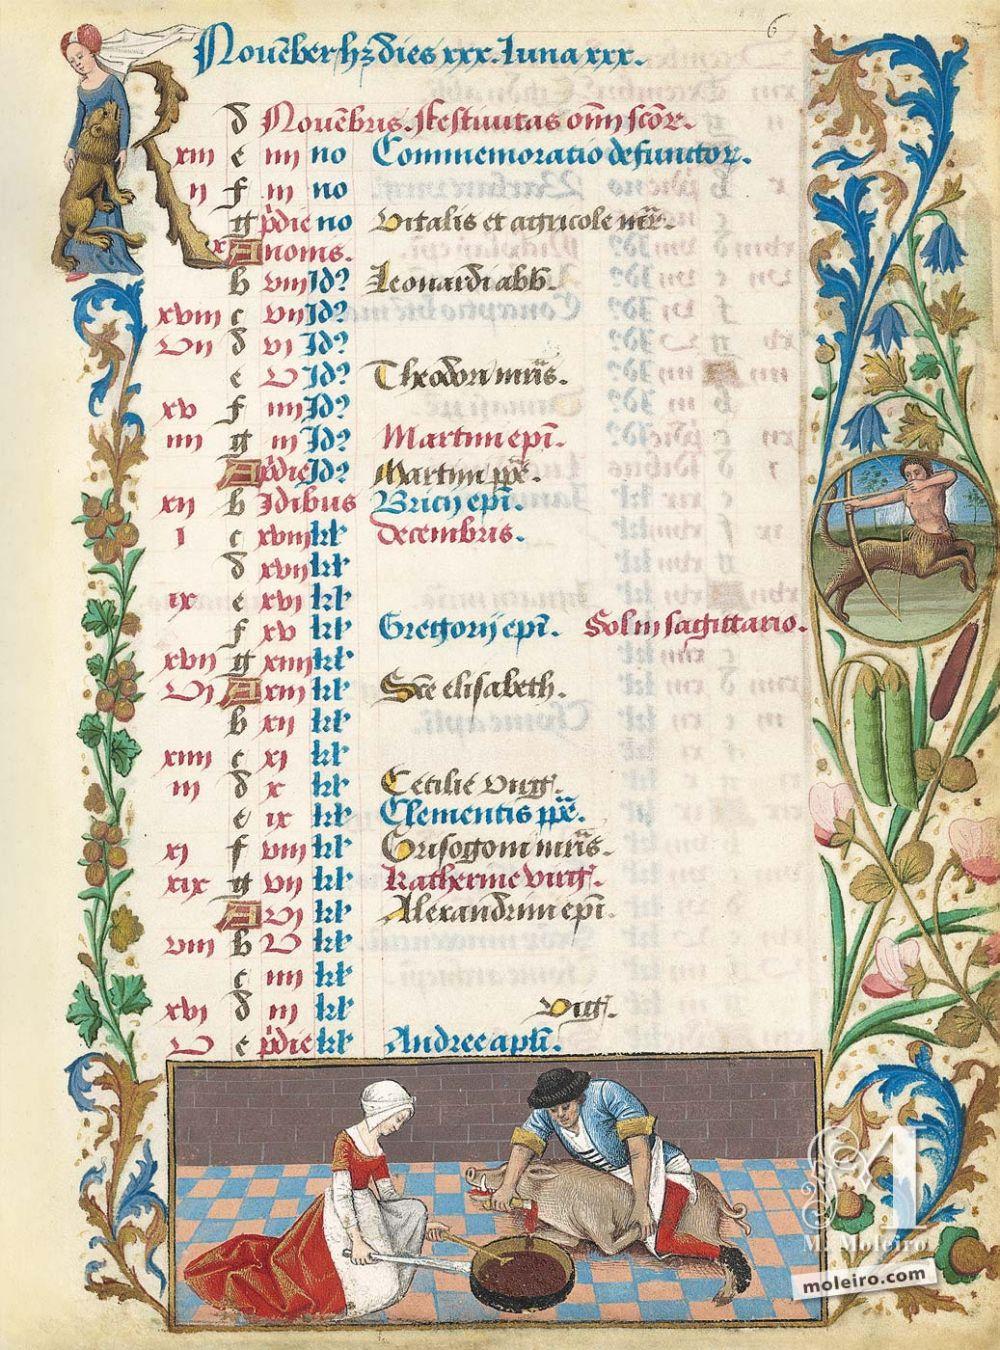 Stundenbuch von Karl von Angoulême Kalender: November,Schweinschlachtung (f. 6r)